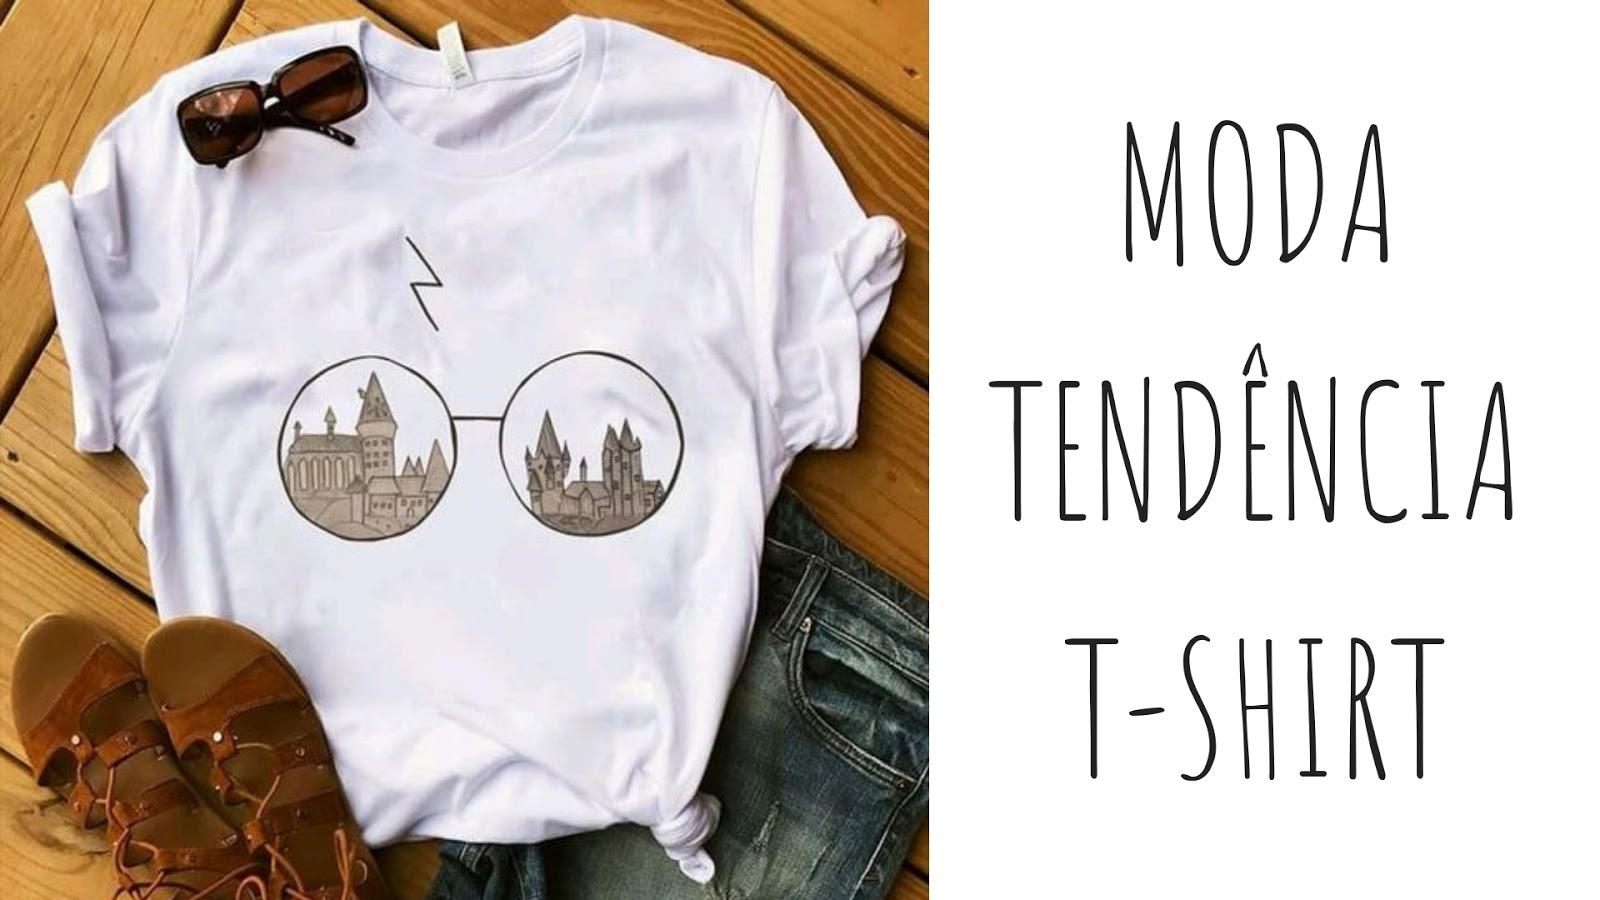 Moda Tendência: t-shirt